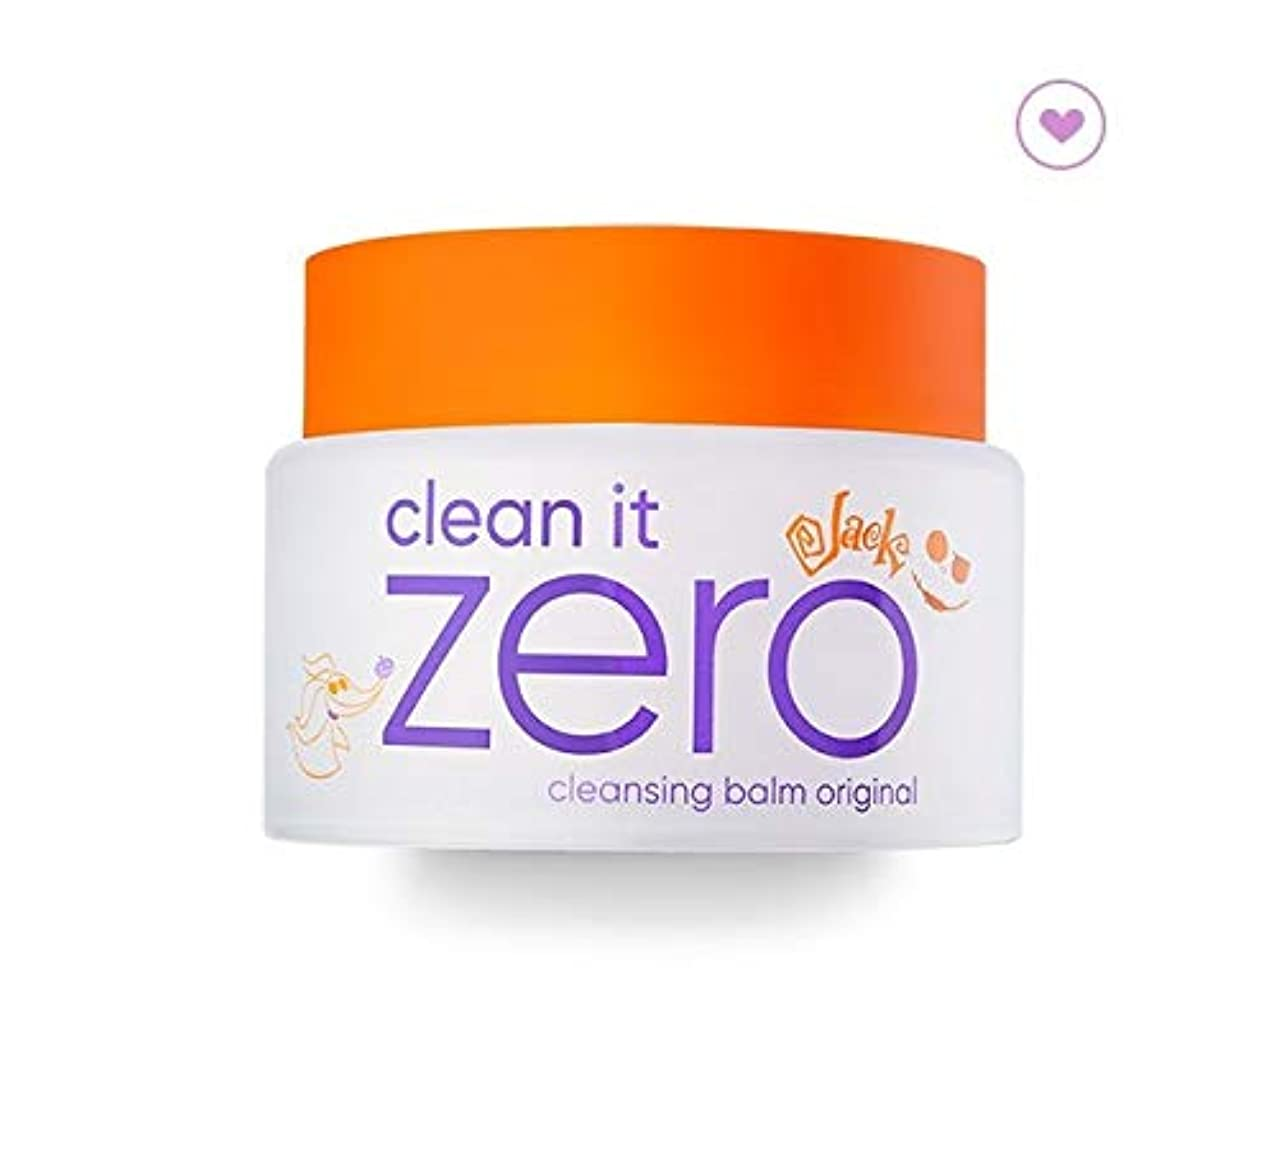 フリンジトレードの面ではBanilaco クリーンイットゼロクレンジングバームディズニーコレクション(オレンジ) / Clean It Zero Cleansing Balm Disney Collection (Orange) 100ml [...